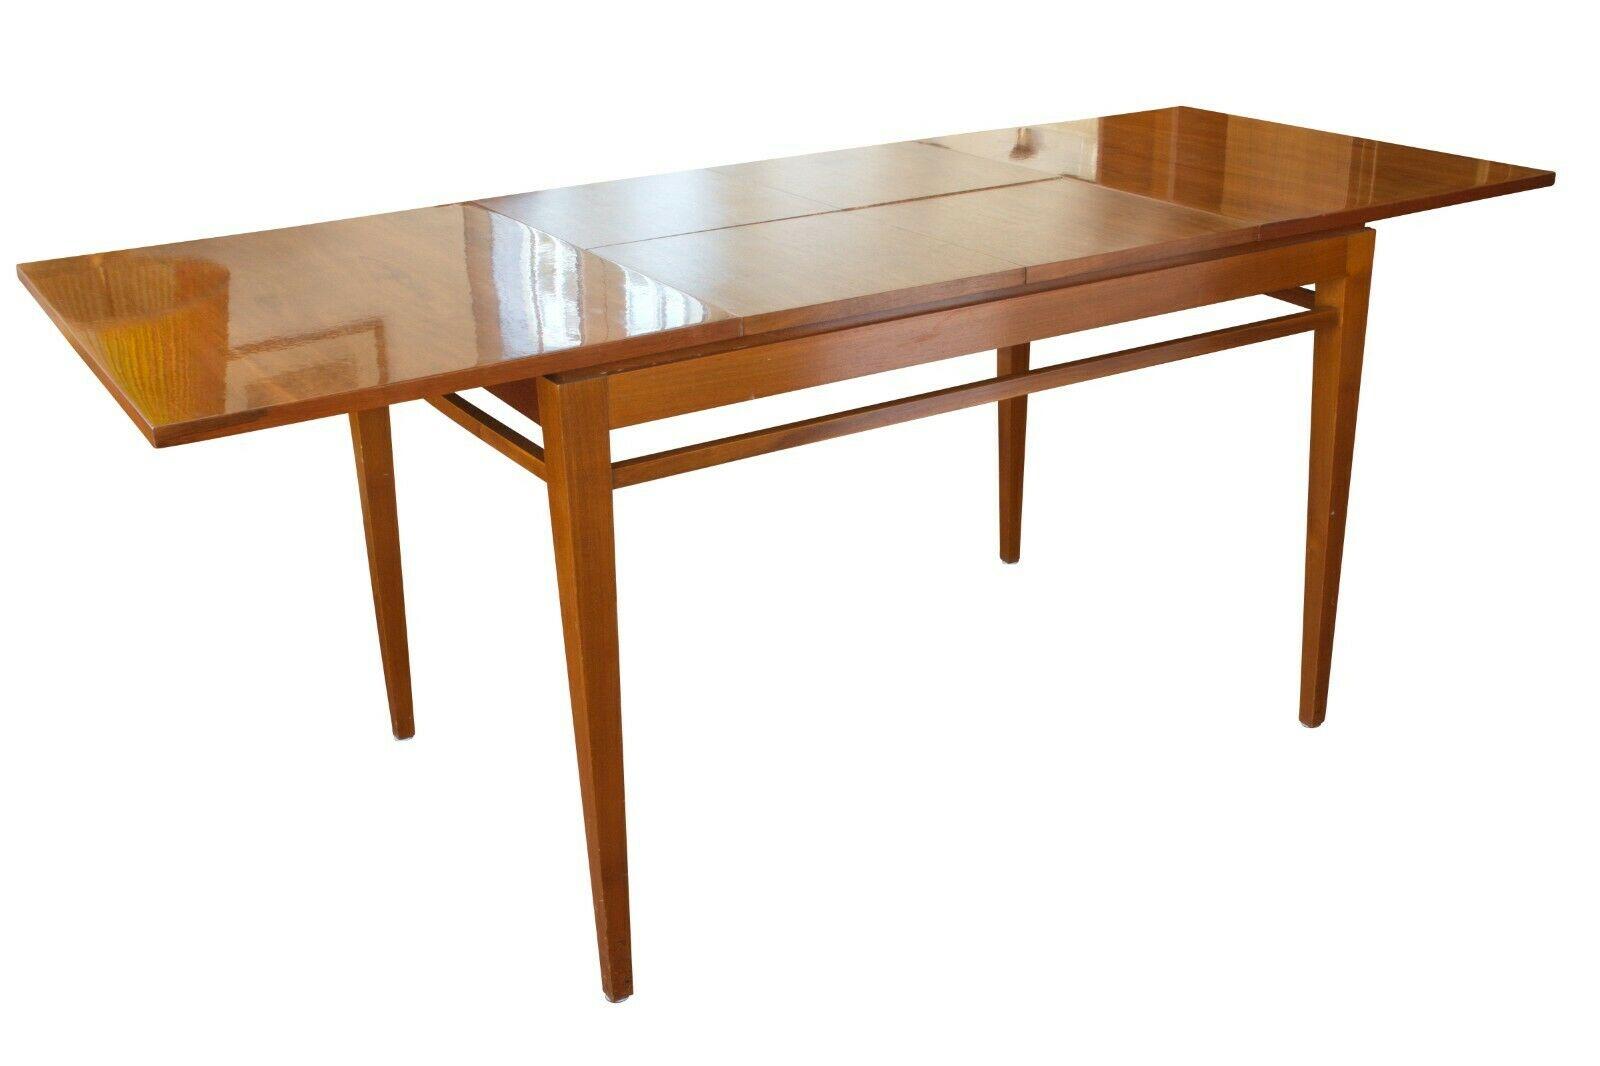 Full Size of Esstisch Nussbaum Xl Mid Century Tisch Klavierlack 610 Eiche Quadratisch 80x80 Mit Bank Großer Pendelleuchte Moderne Esstische Designer Lampen Esstischstühle Esstische Esstisch Nussbaum